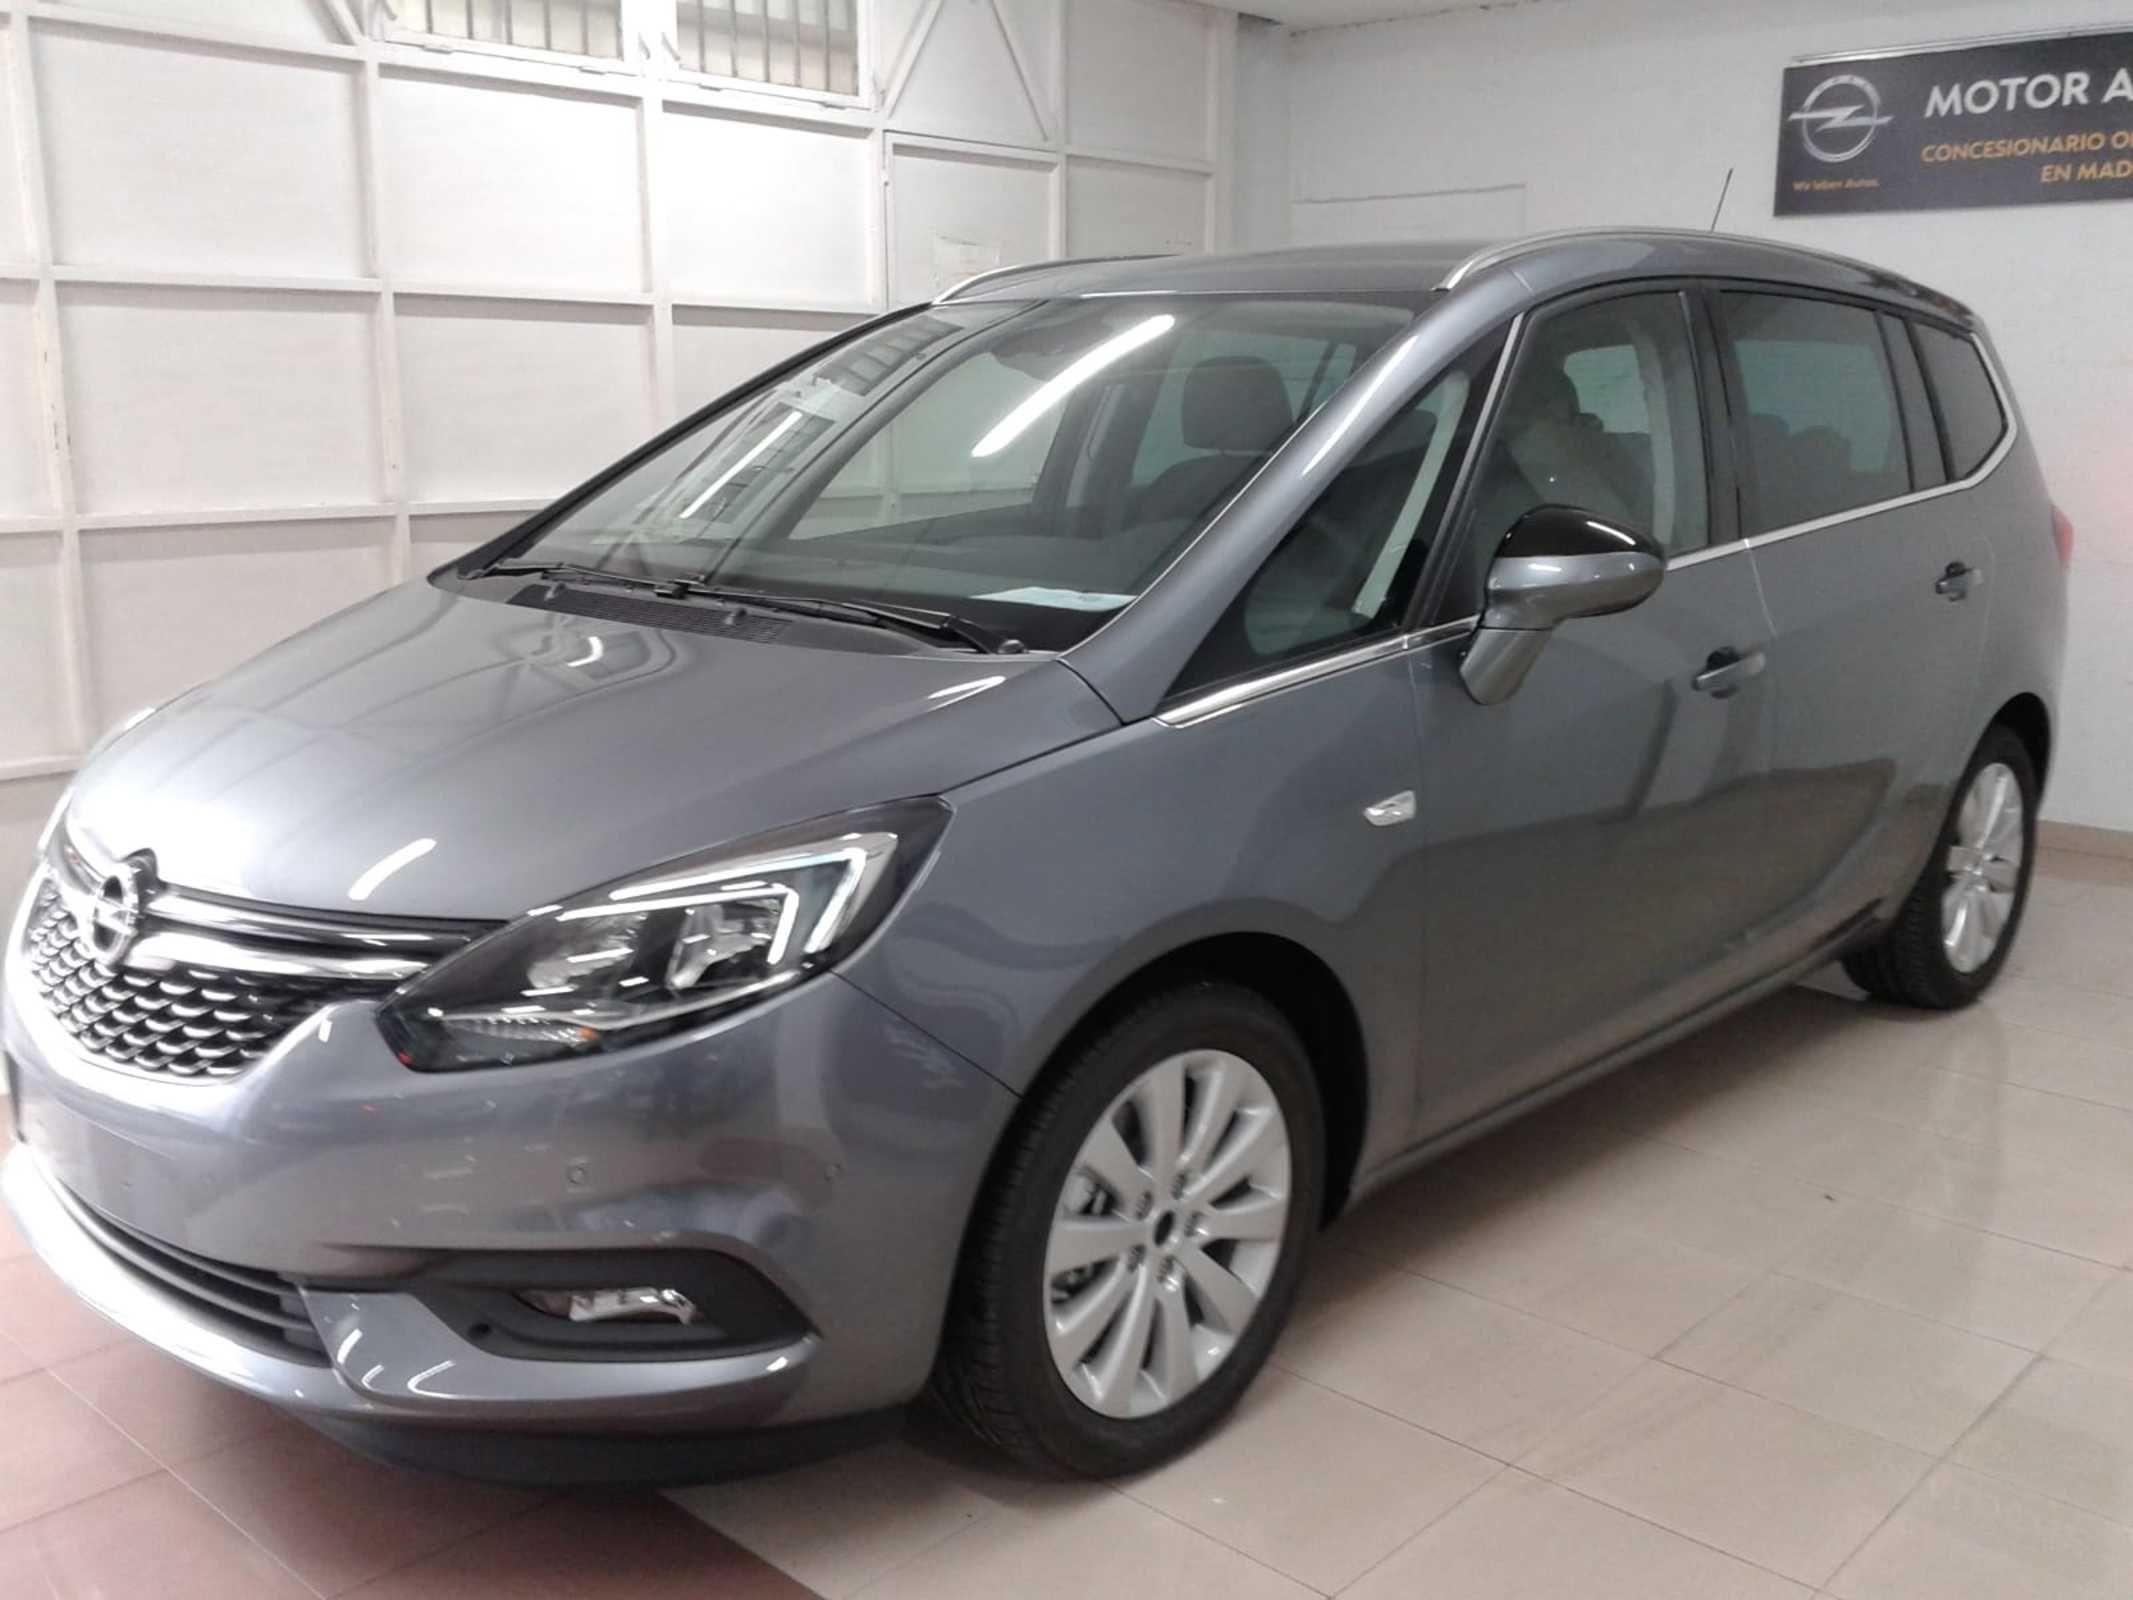 Opel Zafira Innovation 1.6T S&S (136CV) desde 21.299€